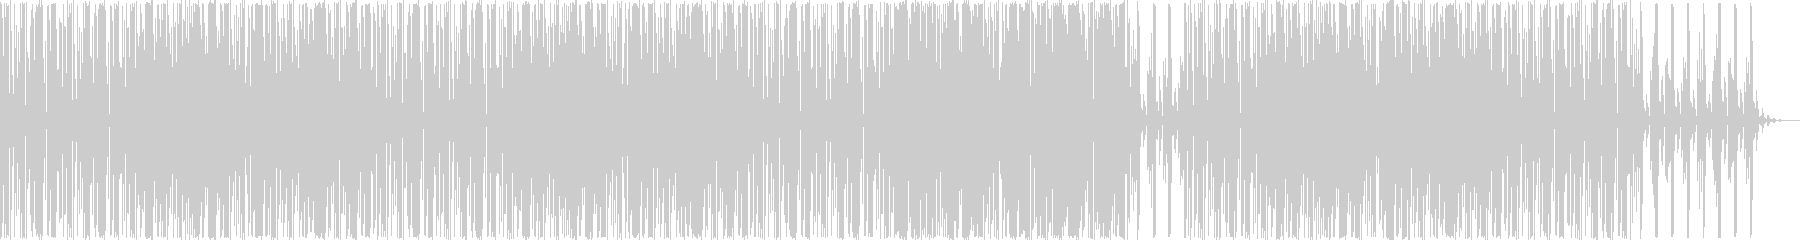 ファミコン風 8bit  レトロの未再生の波形